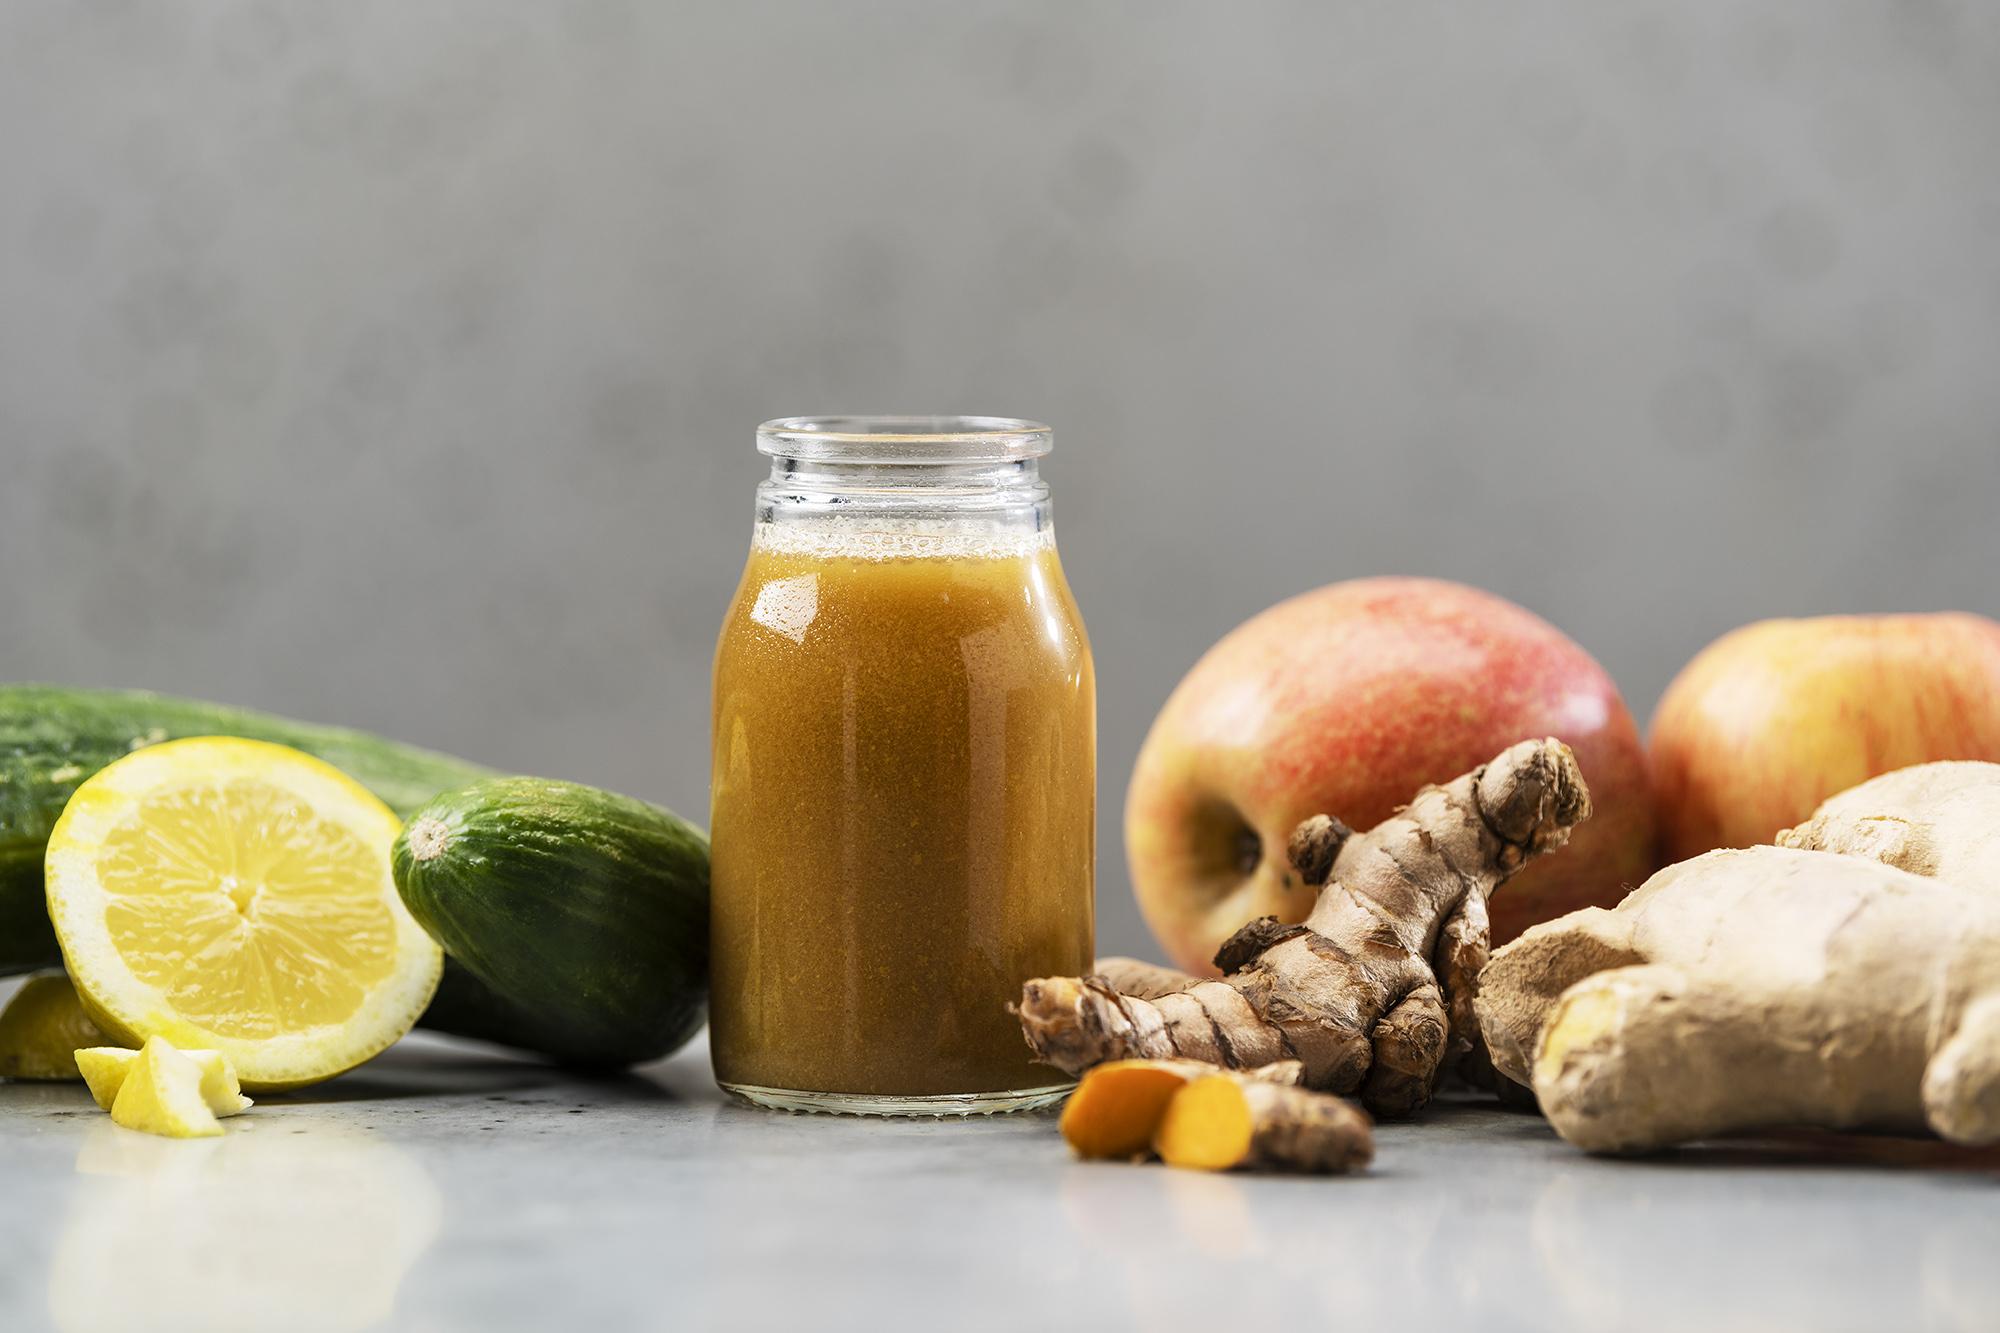 Werkt een Detox Kuur of Dieet Echt? De Feiten